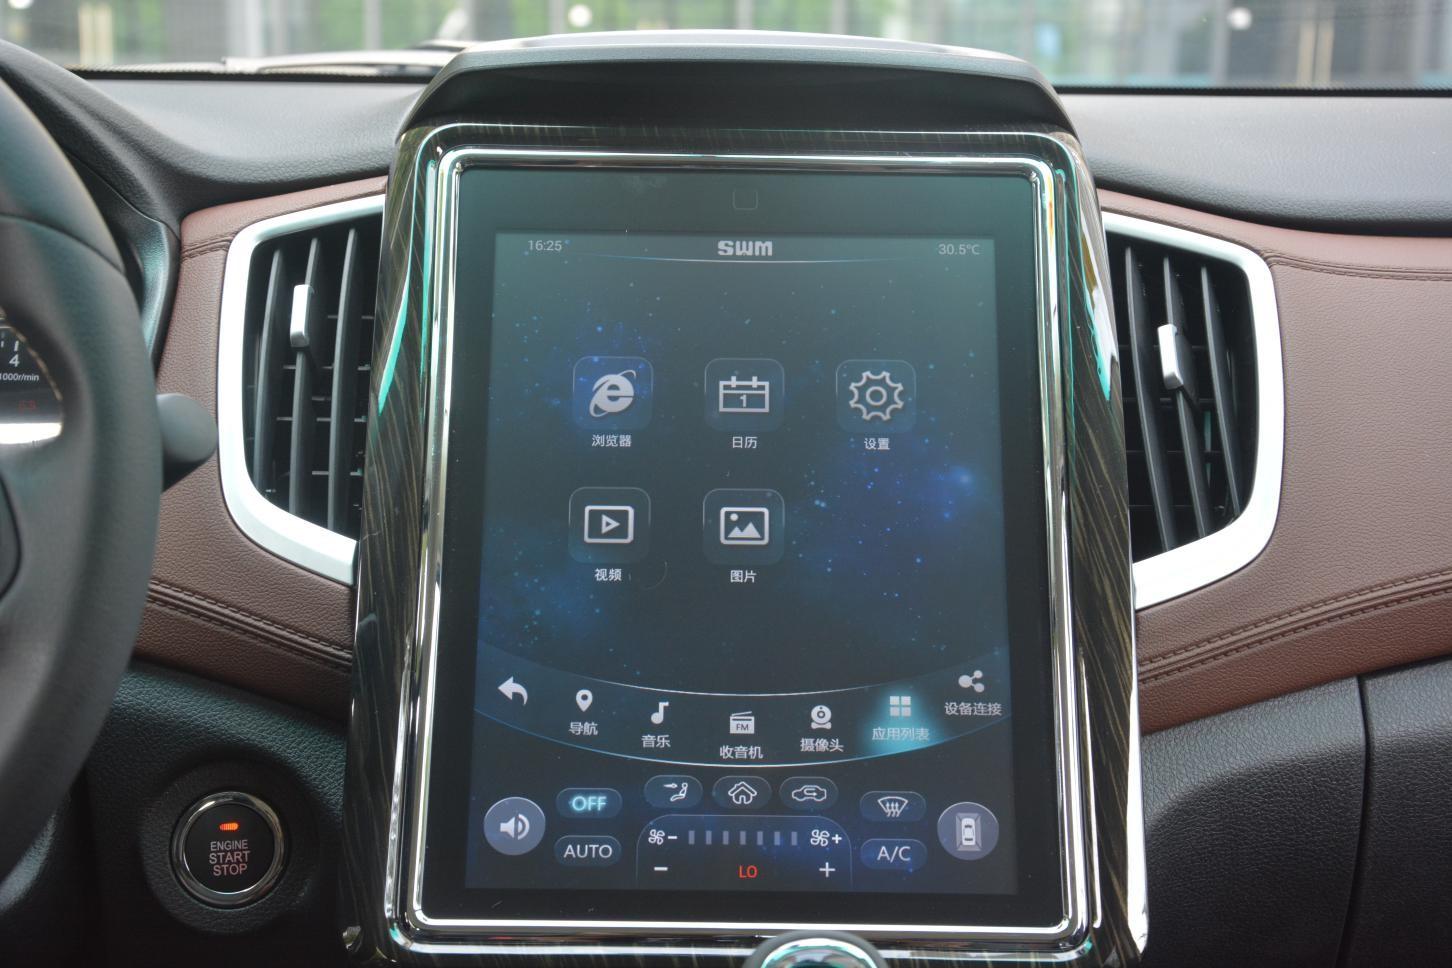 新车智能情报站12月04期丨造车新势力再添强将,合资自主持续更新